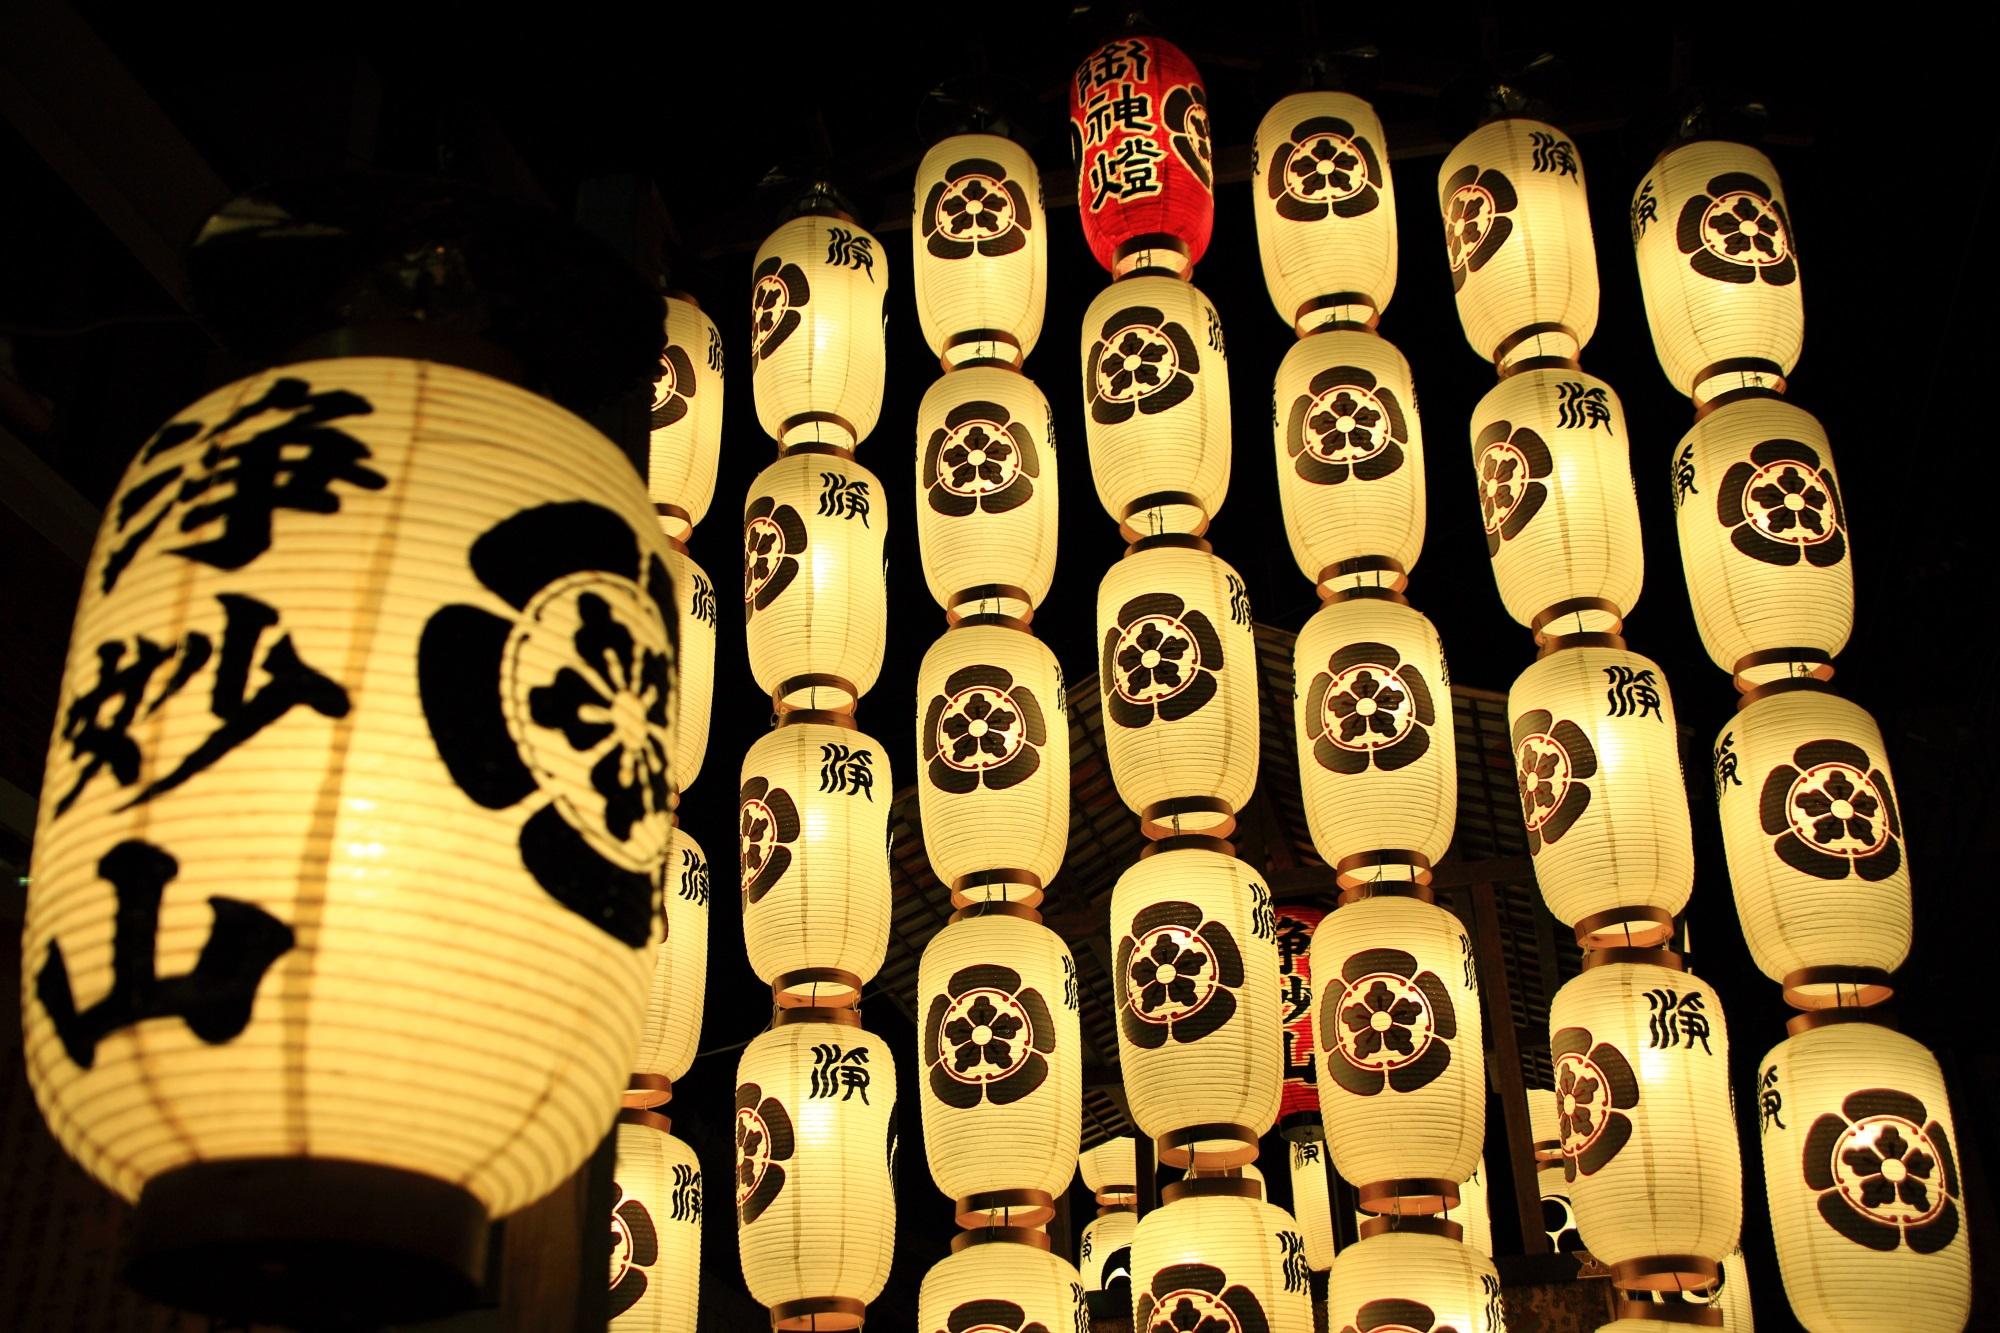 浄妙山 祇園祭後祭 宵山 駒形提灯